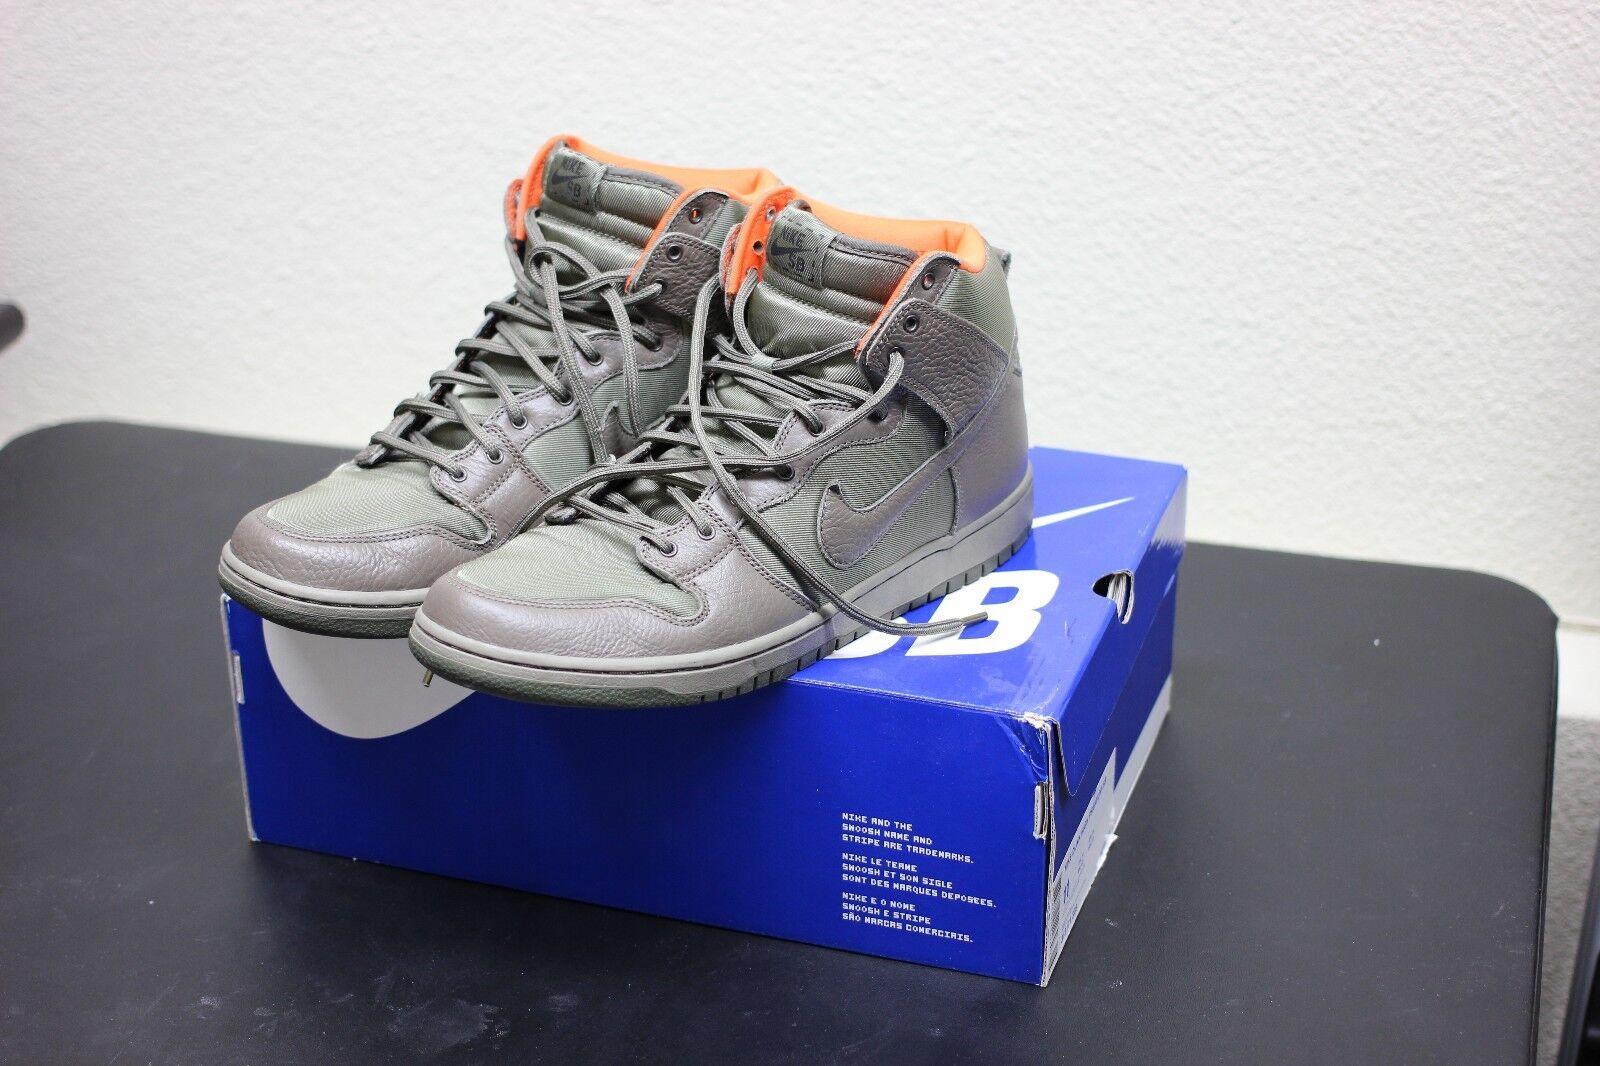 Nike Dunk High PRM SB Frank Kozik Steel Green Olive Khak Safety 313171 328 SZ 11